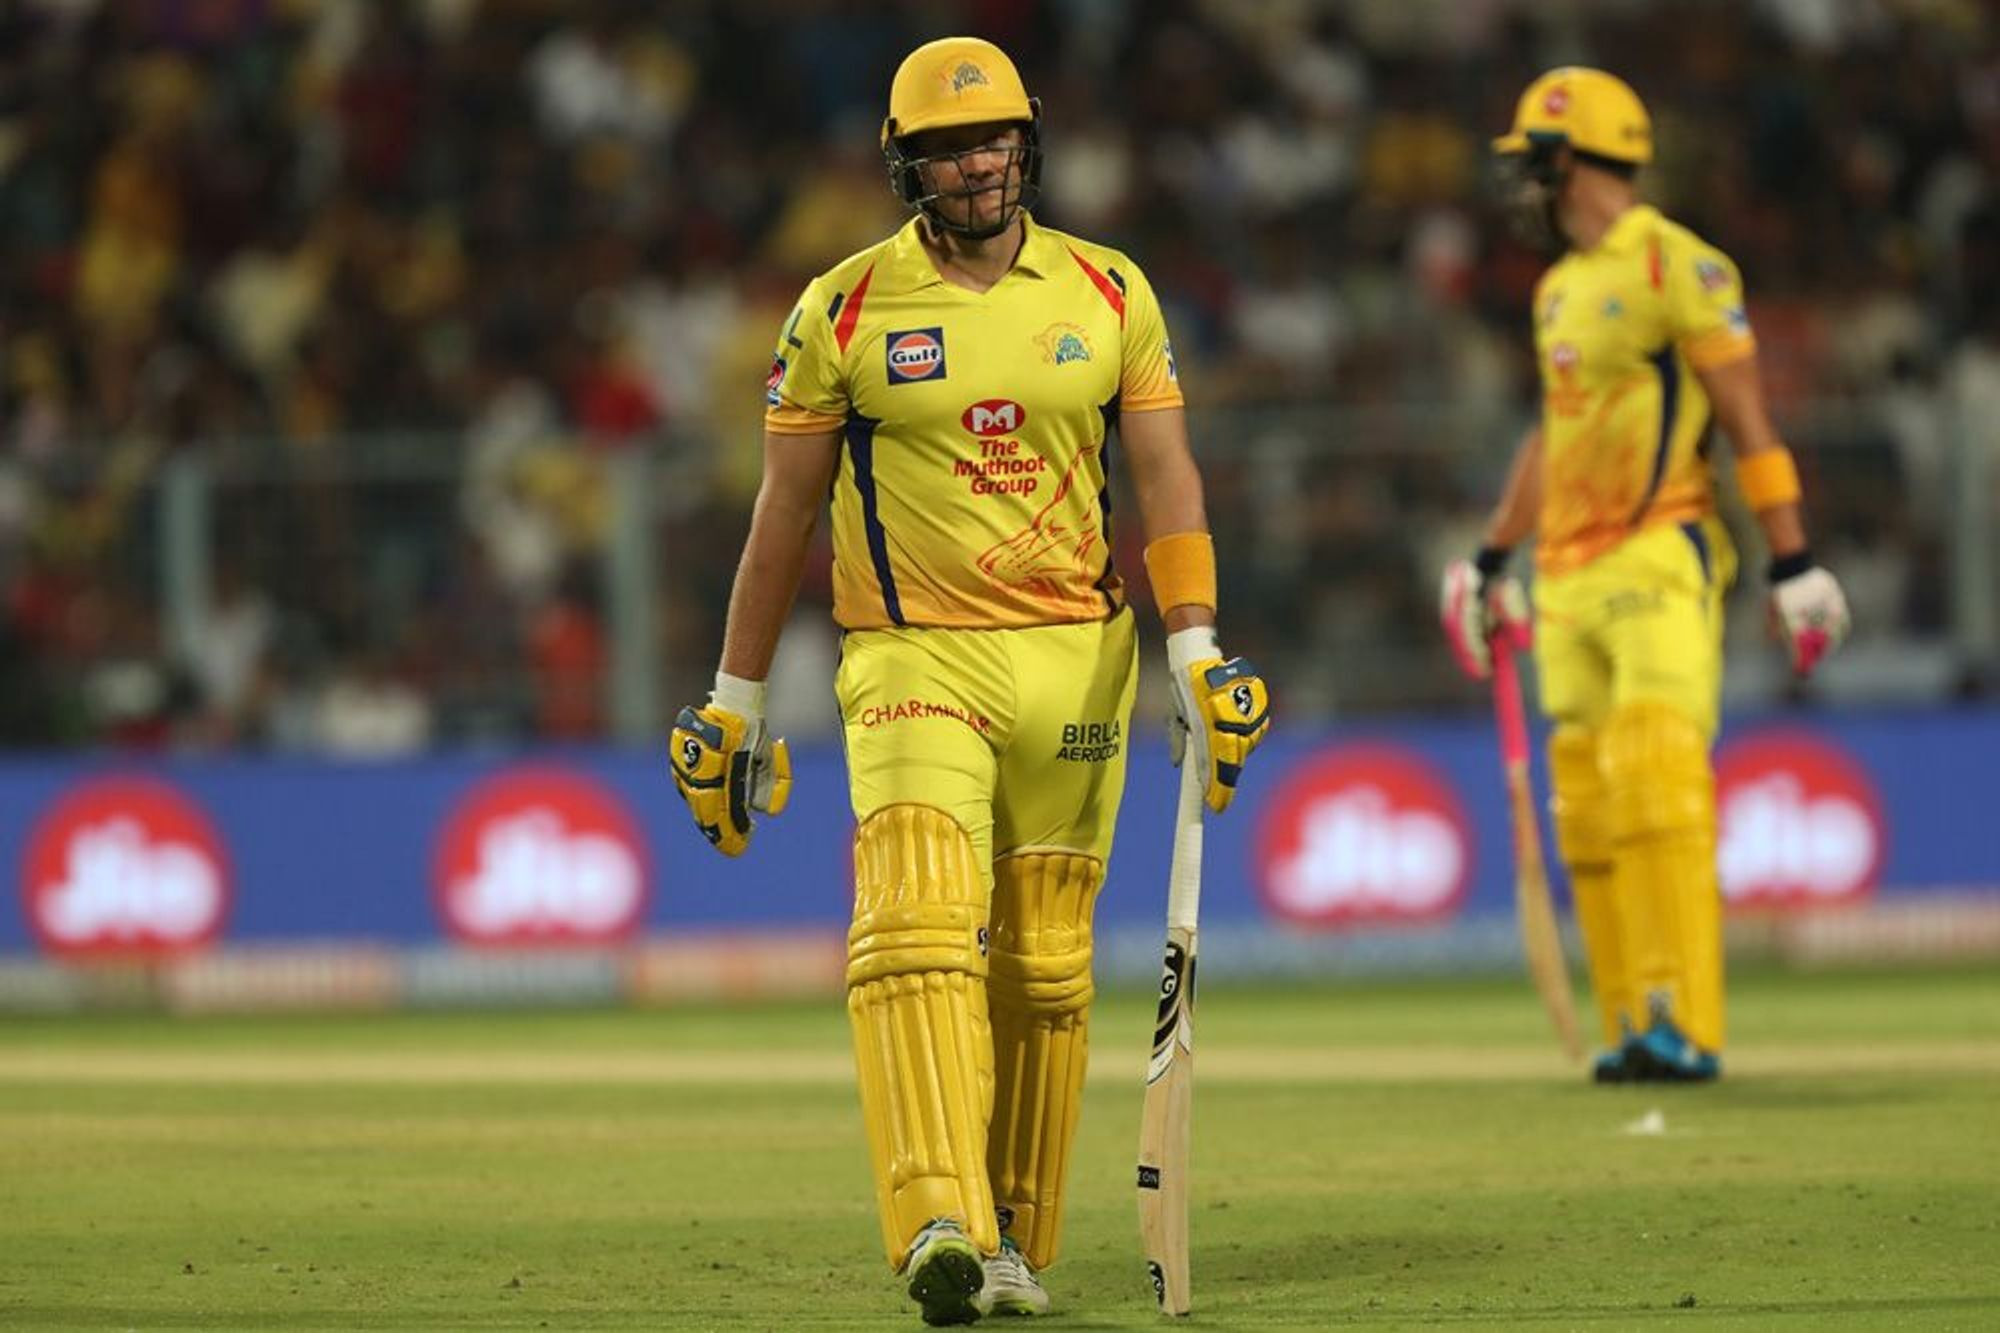 IPL 2019: चेन्नई सुपर किंग्स का टॉप ऑर्डर लगातार फ्लॉप, क्या ऐसे आईपीएल जीत पाएगी धोनी की सेना? 30